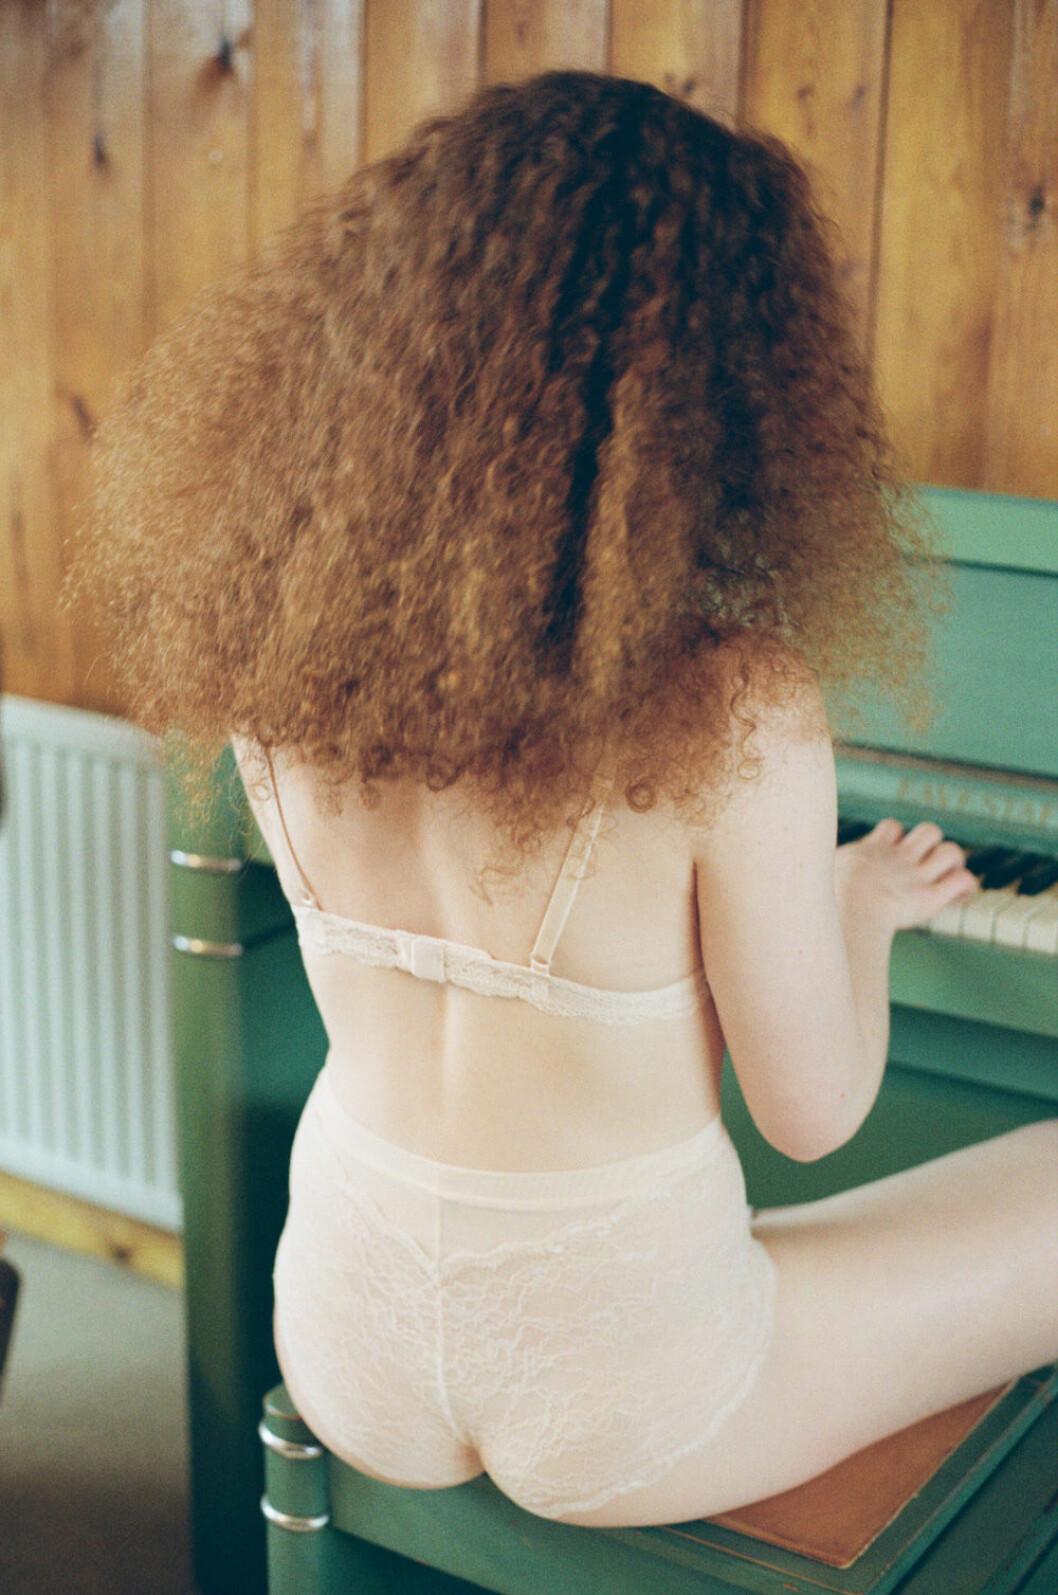 Krullhårig kvinna med väldigt ljus hy spelar piano i Monkis nya underkläder.